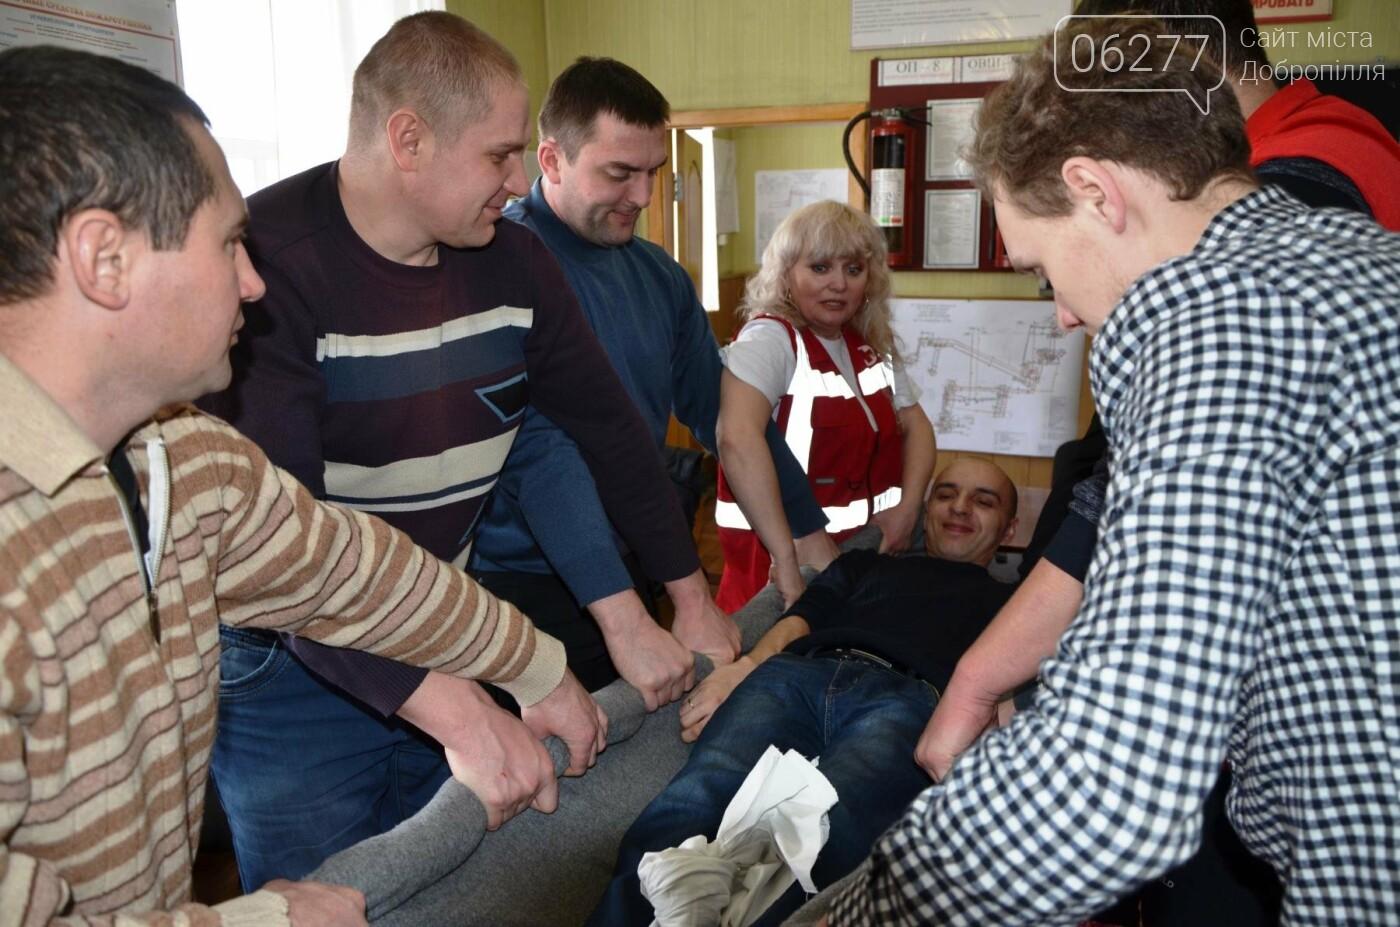 В Доброполье шахтеры-спасатели учились оказывать первую помощь, фото-1